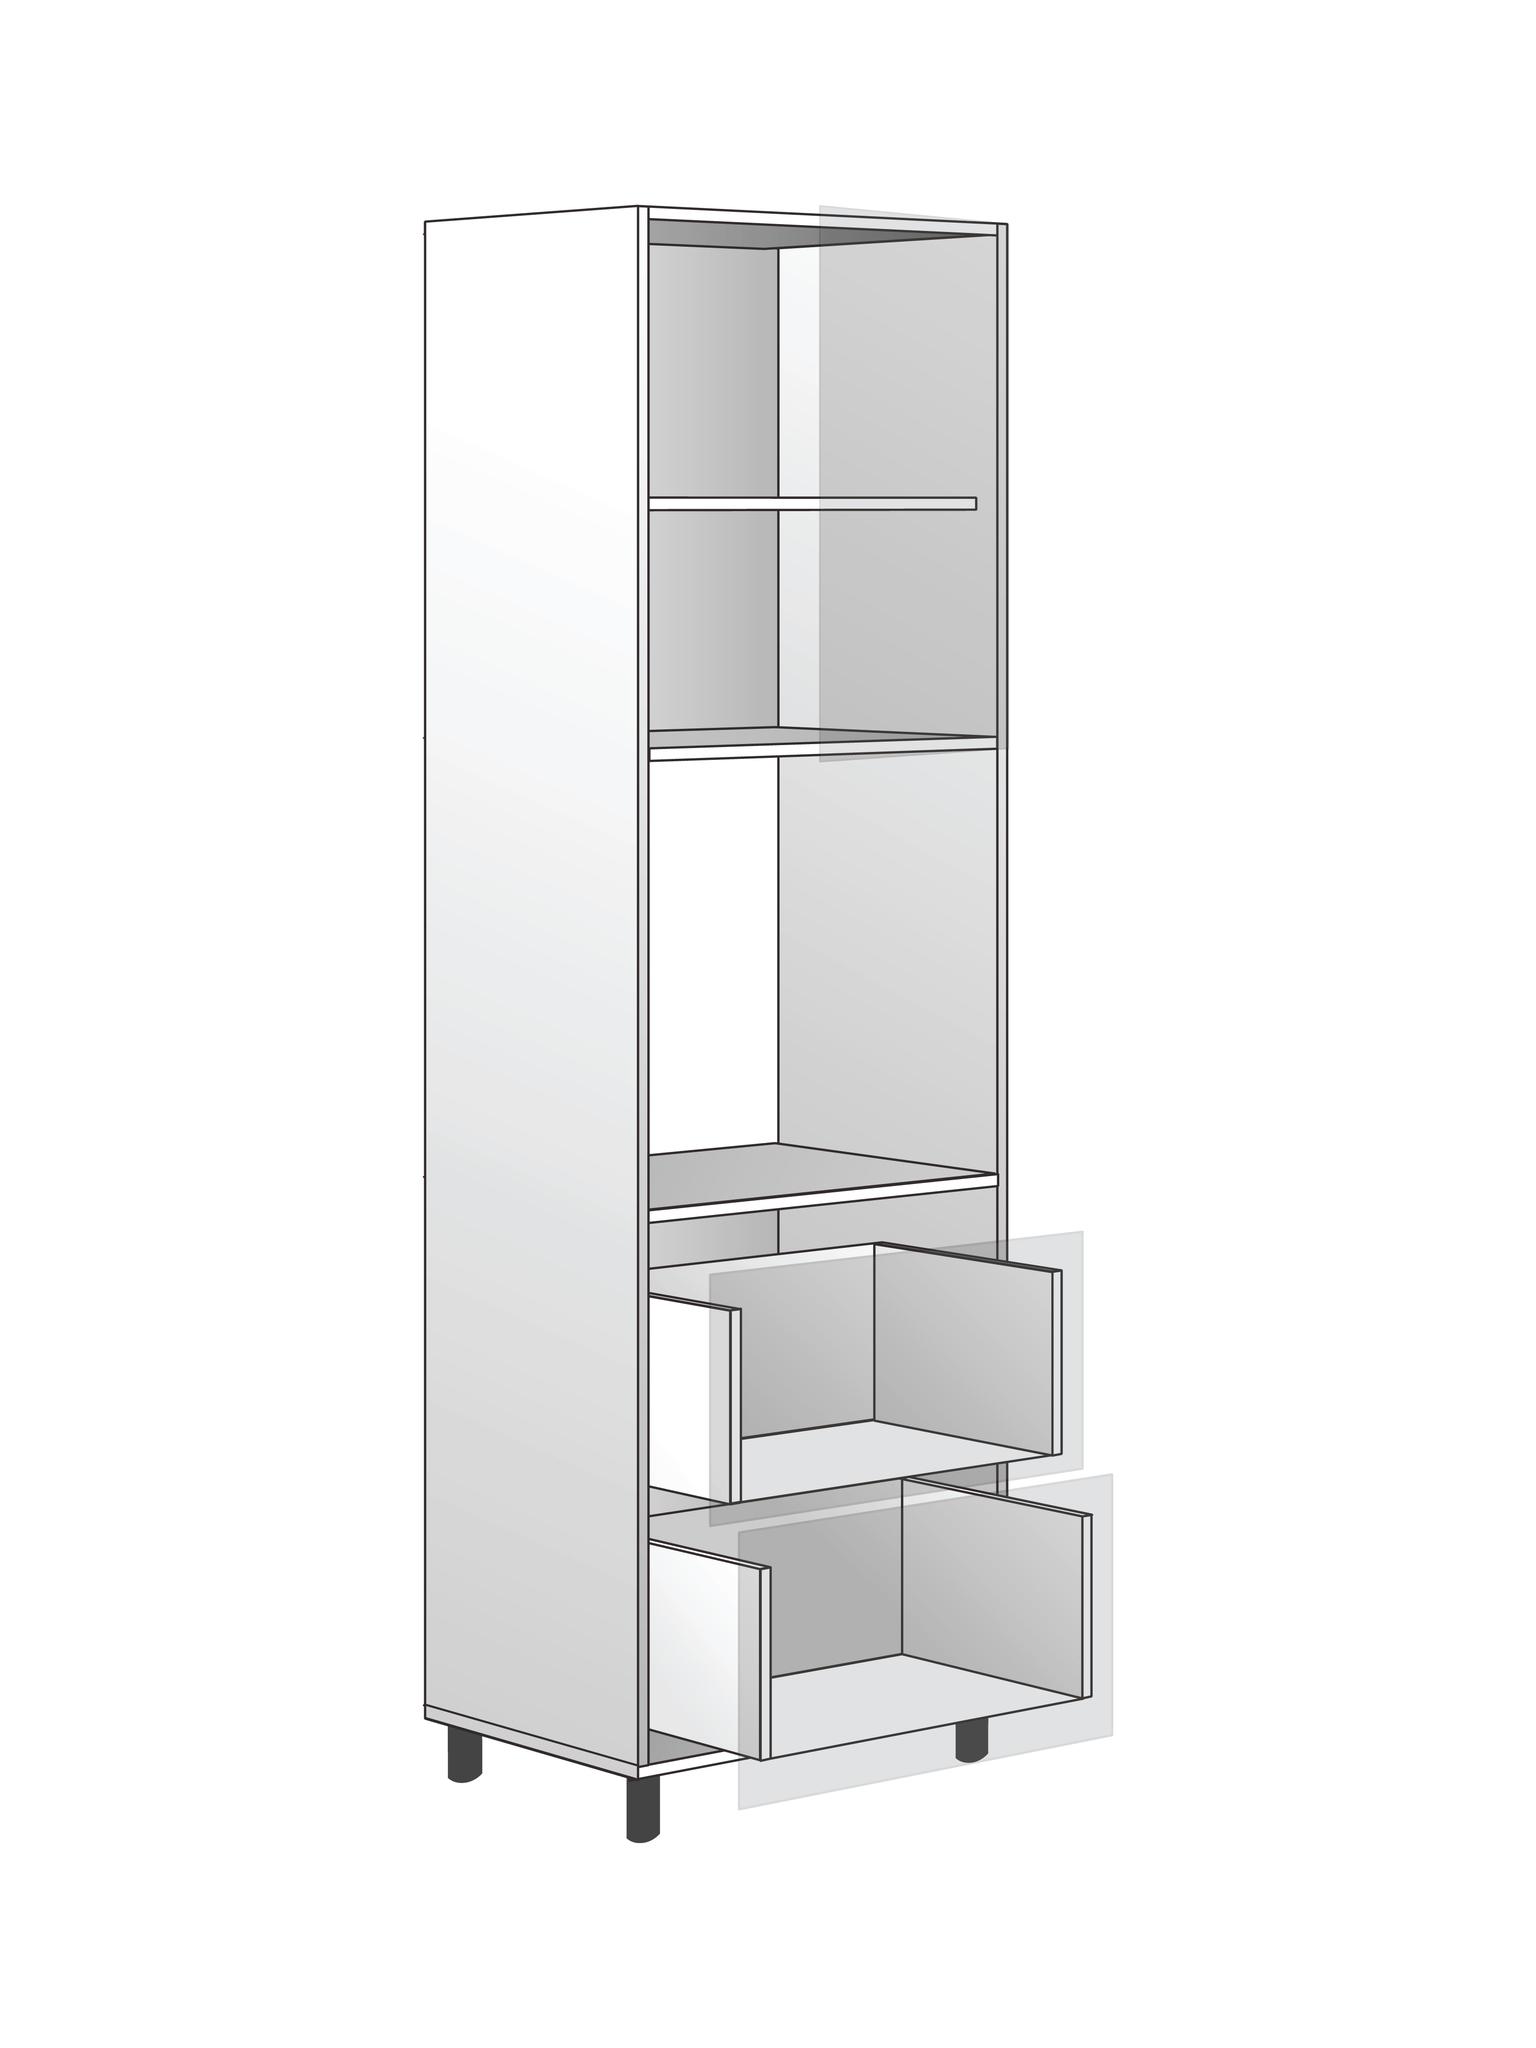 Напольный  шкаф для духовки c полкой и 2 ящиками, 2040Х600 мм